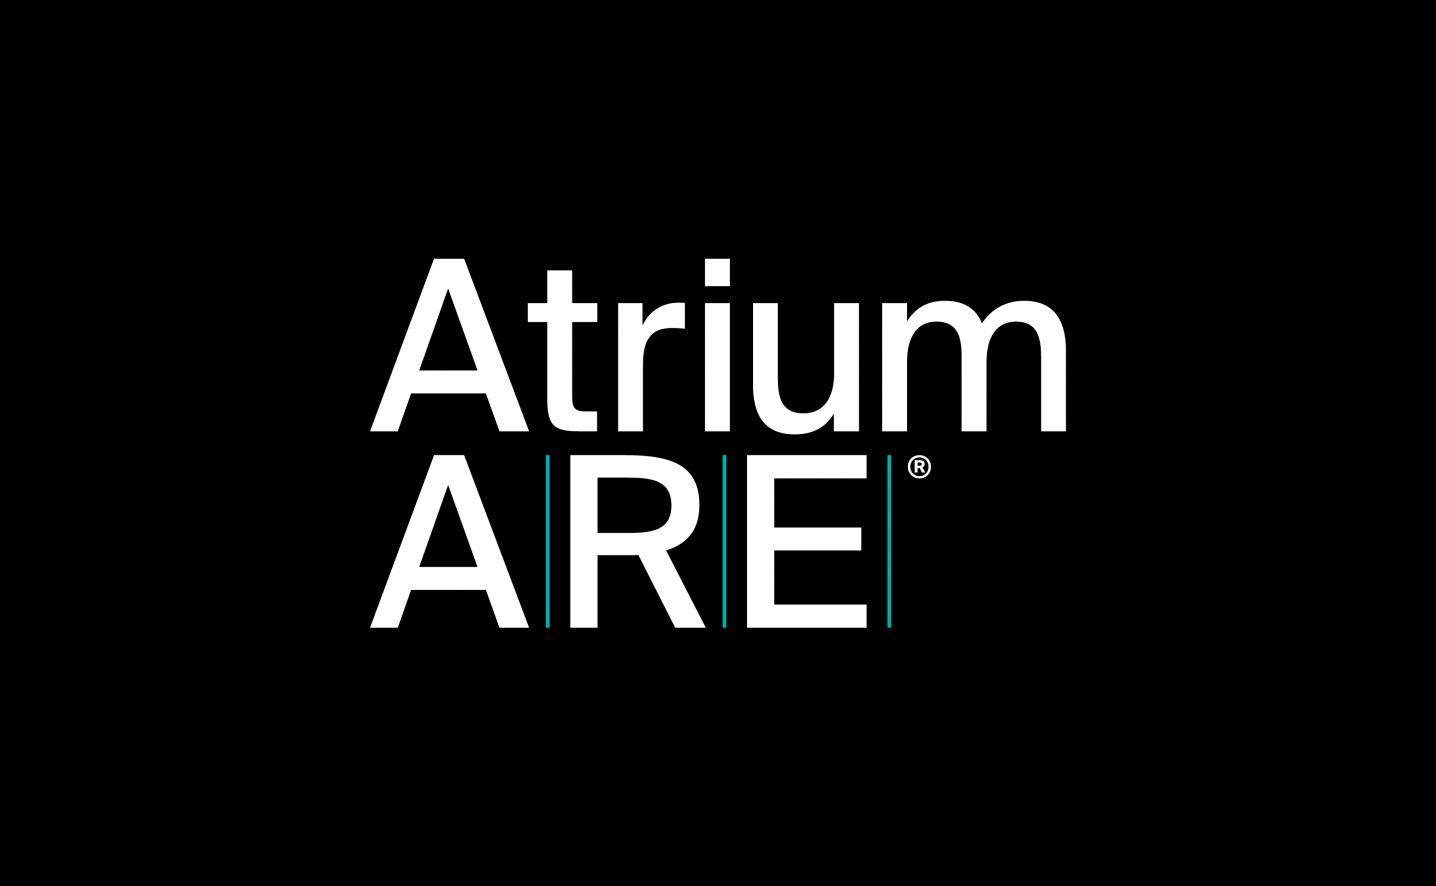 Atrium logo design